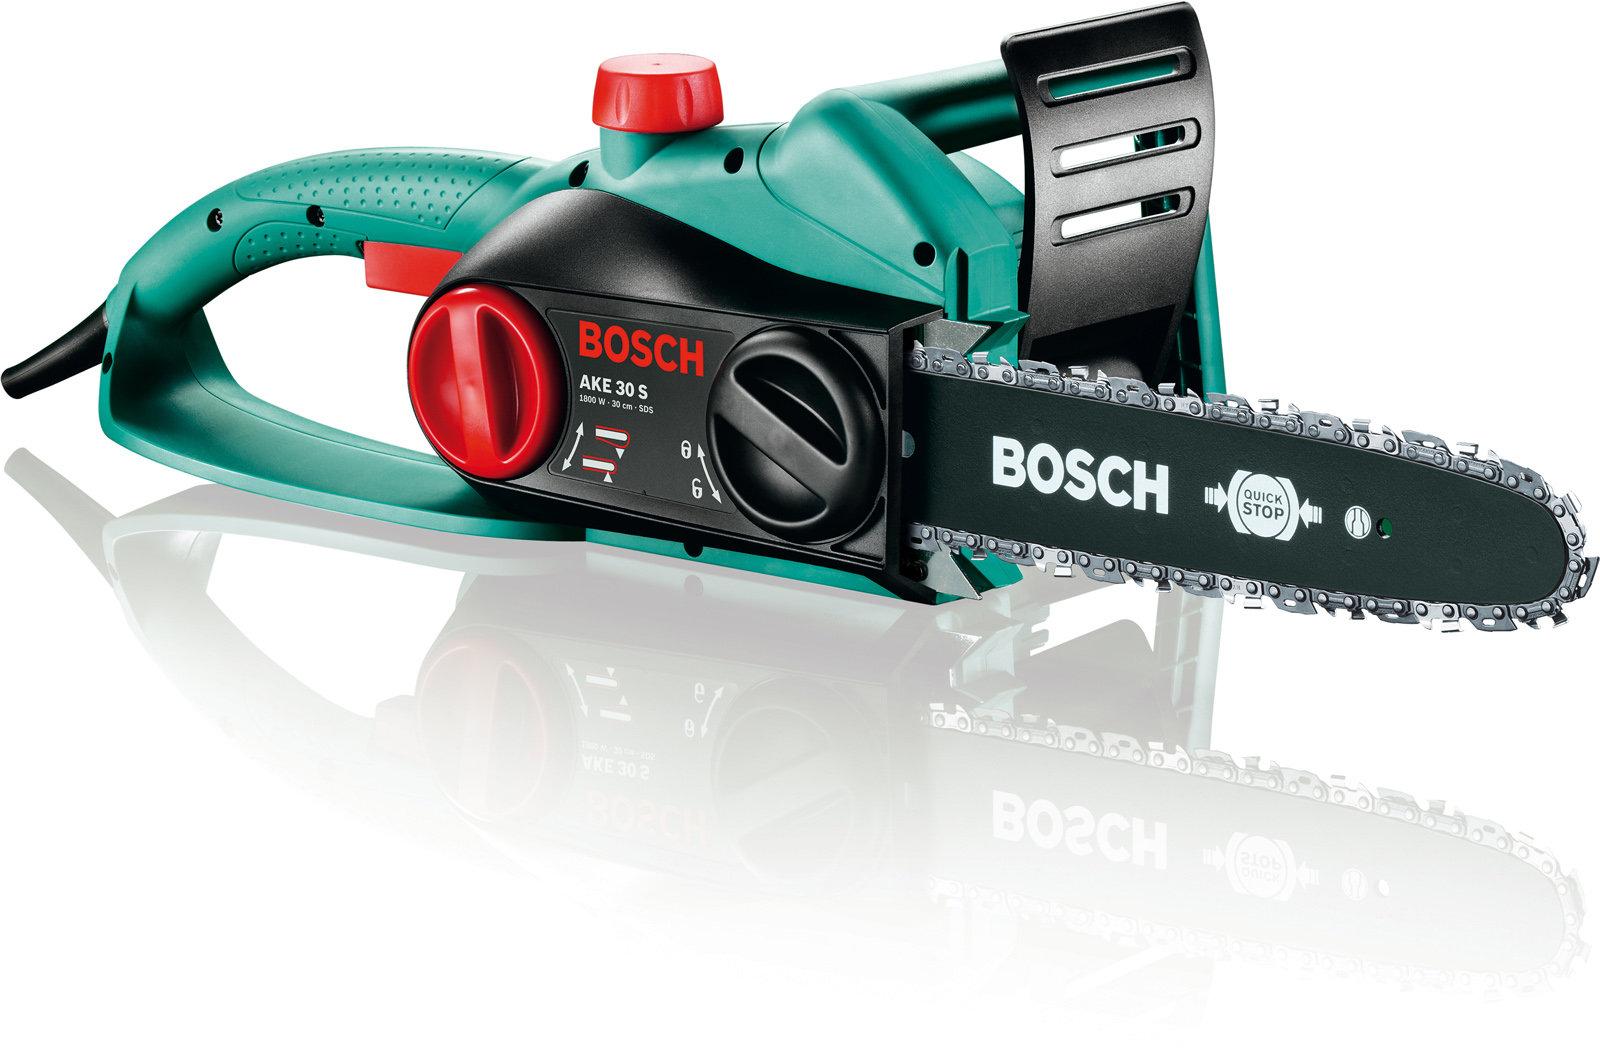 Электропила Bosch Ake 30 s (0.600.834.400)